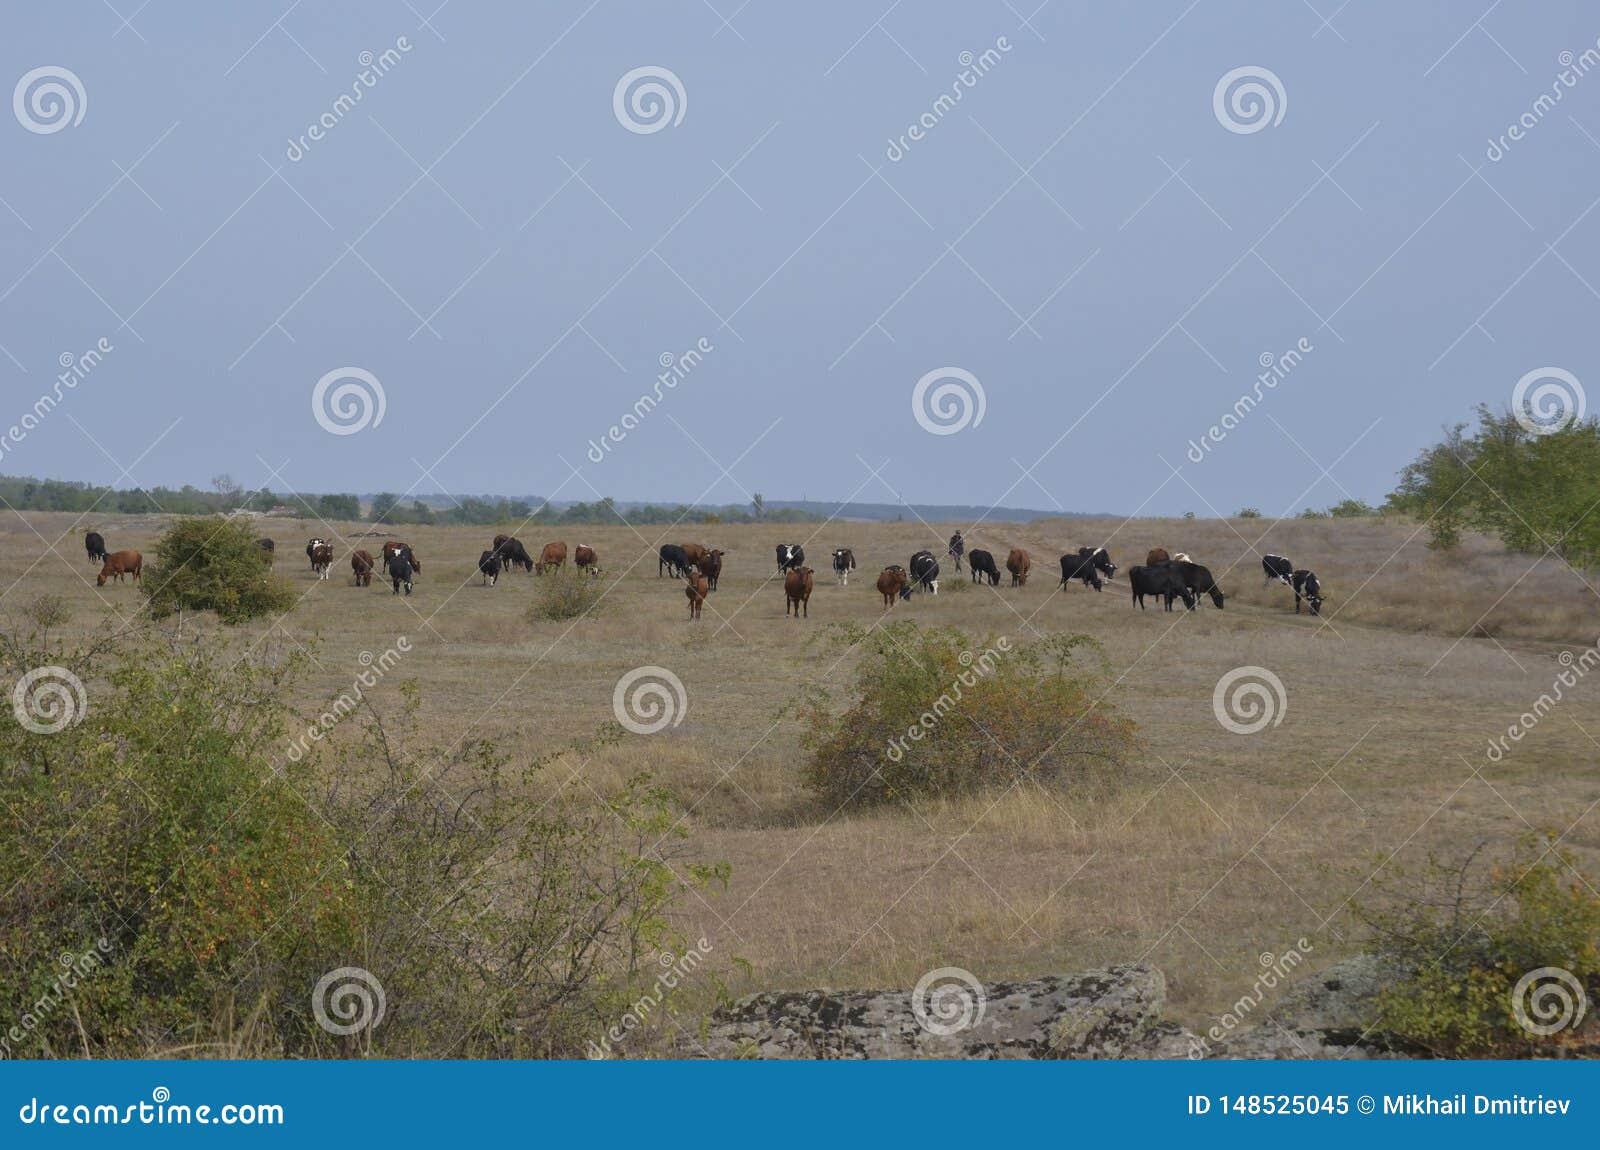 Un pastor lleva una manada de vacas a través de un campo ucraniano soleado